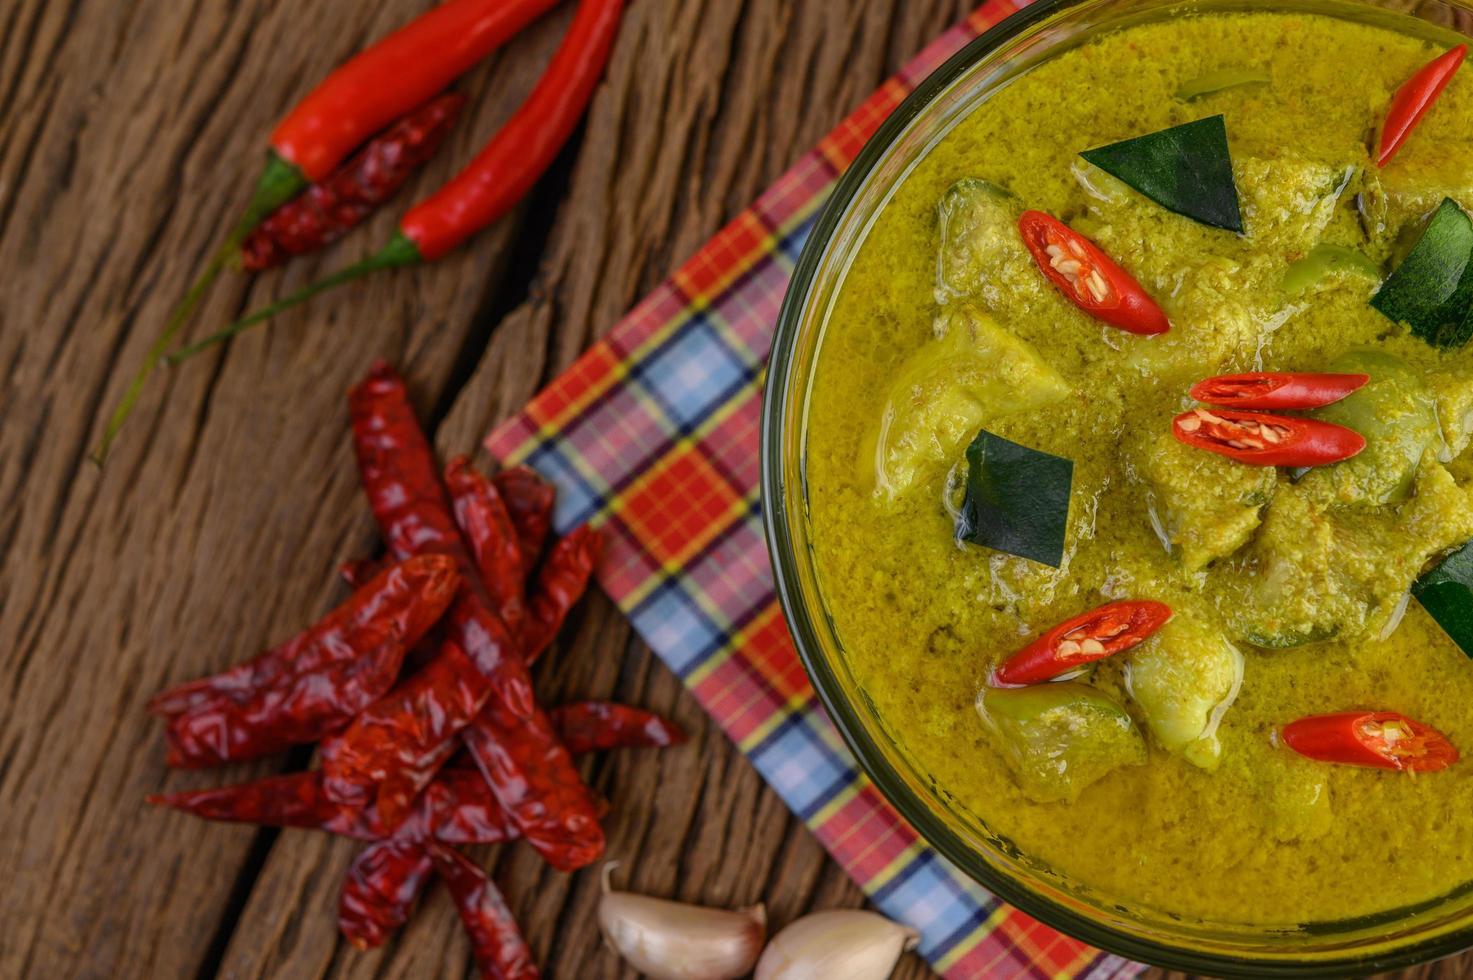 grön curry med limefrukter, rödlök, citrongräs, vitlök och kaffirblad foto